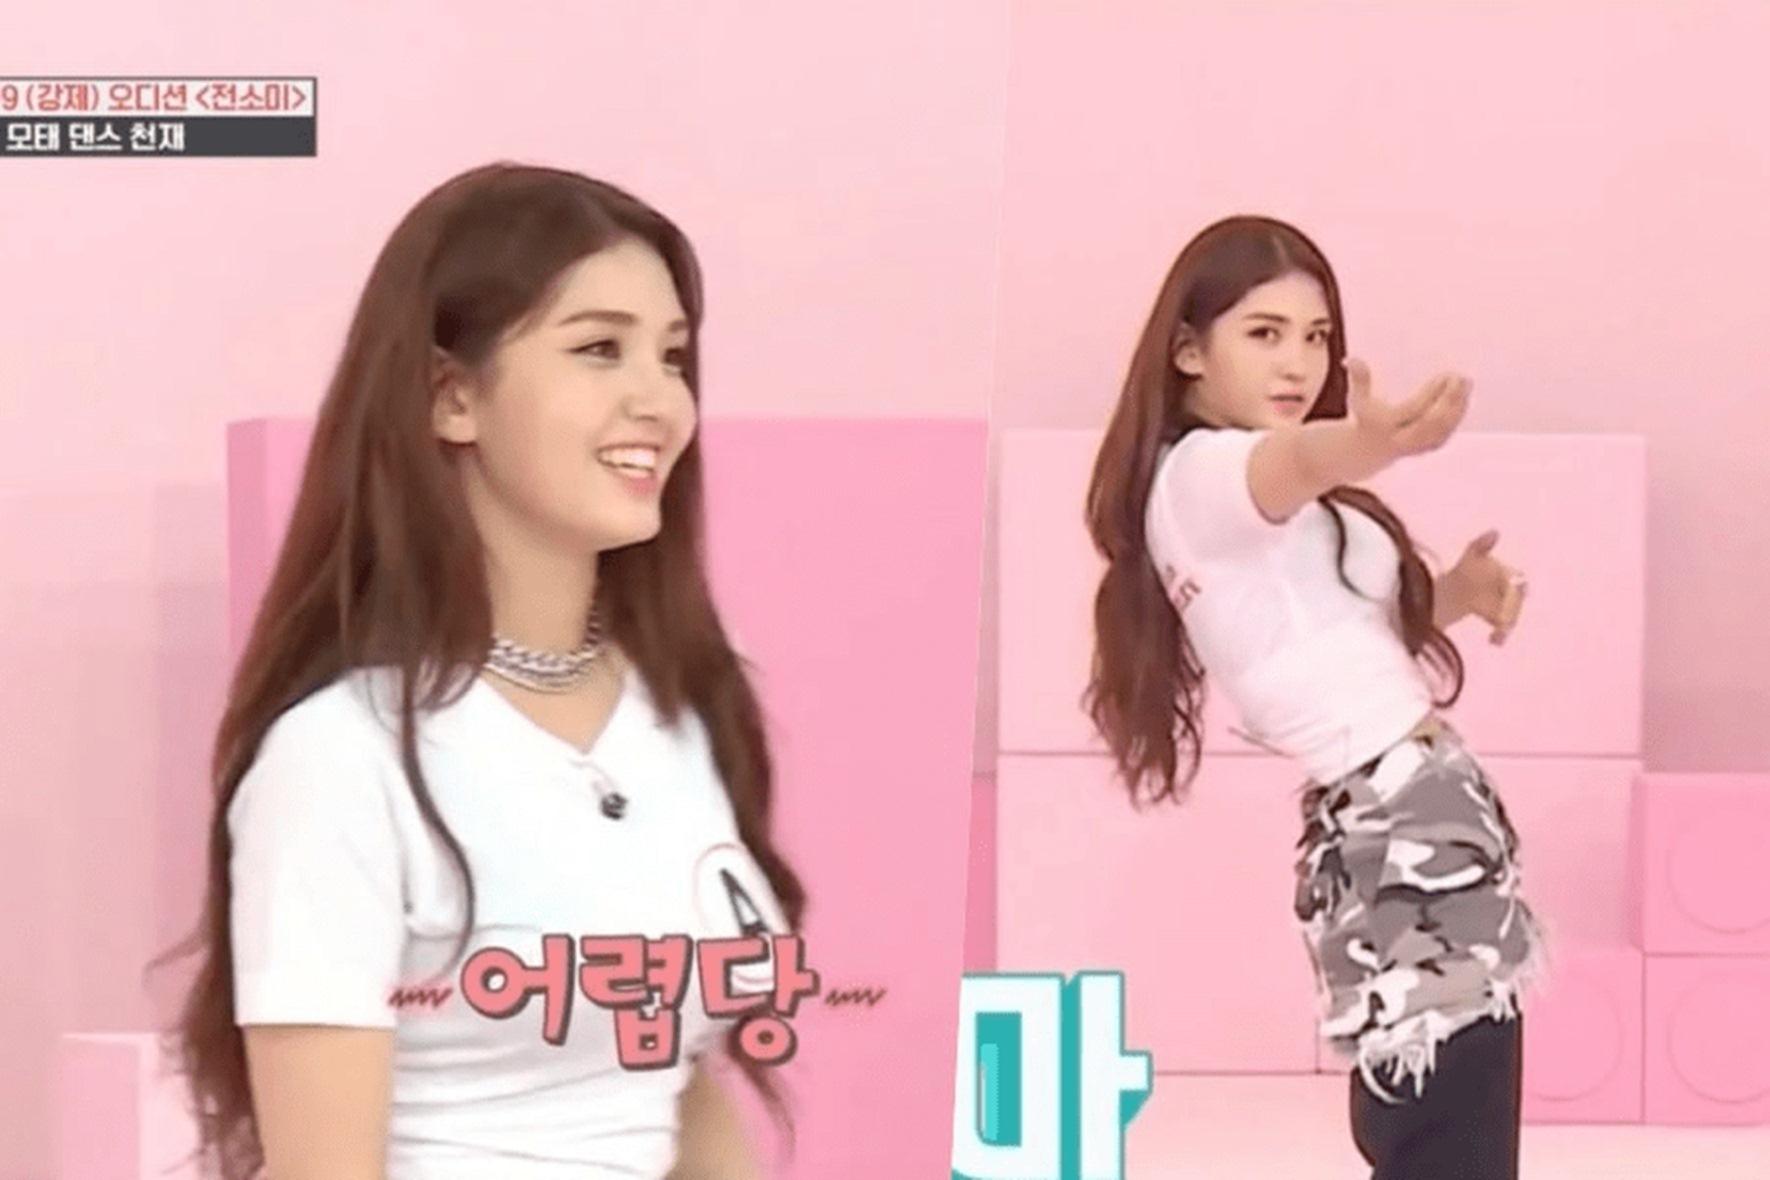 Jeon Somi Mengungkapkan Perubahan Dirinya Sejak Meninggalkan JYP Dan Bergabung Dengan YG Entertainment 4